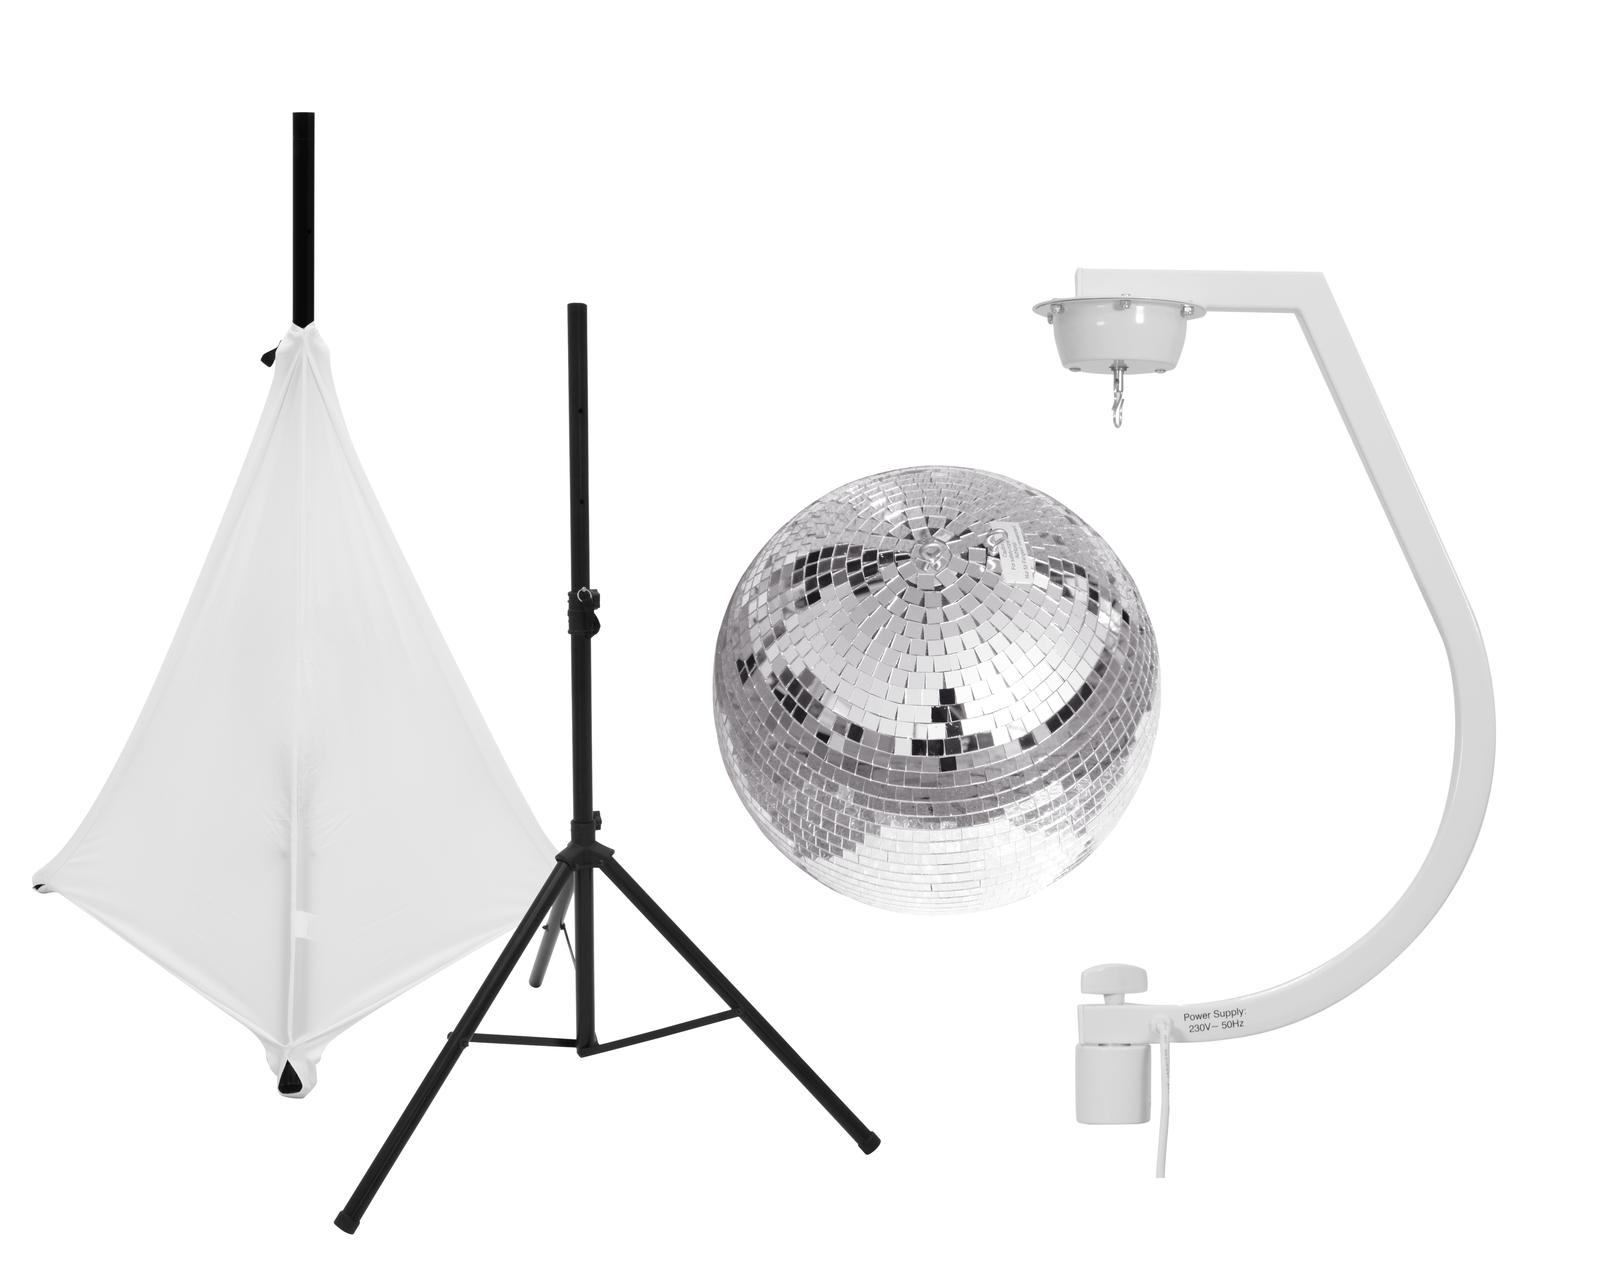 EUROLITE Set Spiegelkugel 30cm mit Stativ und Segel weiß